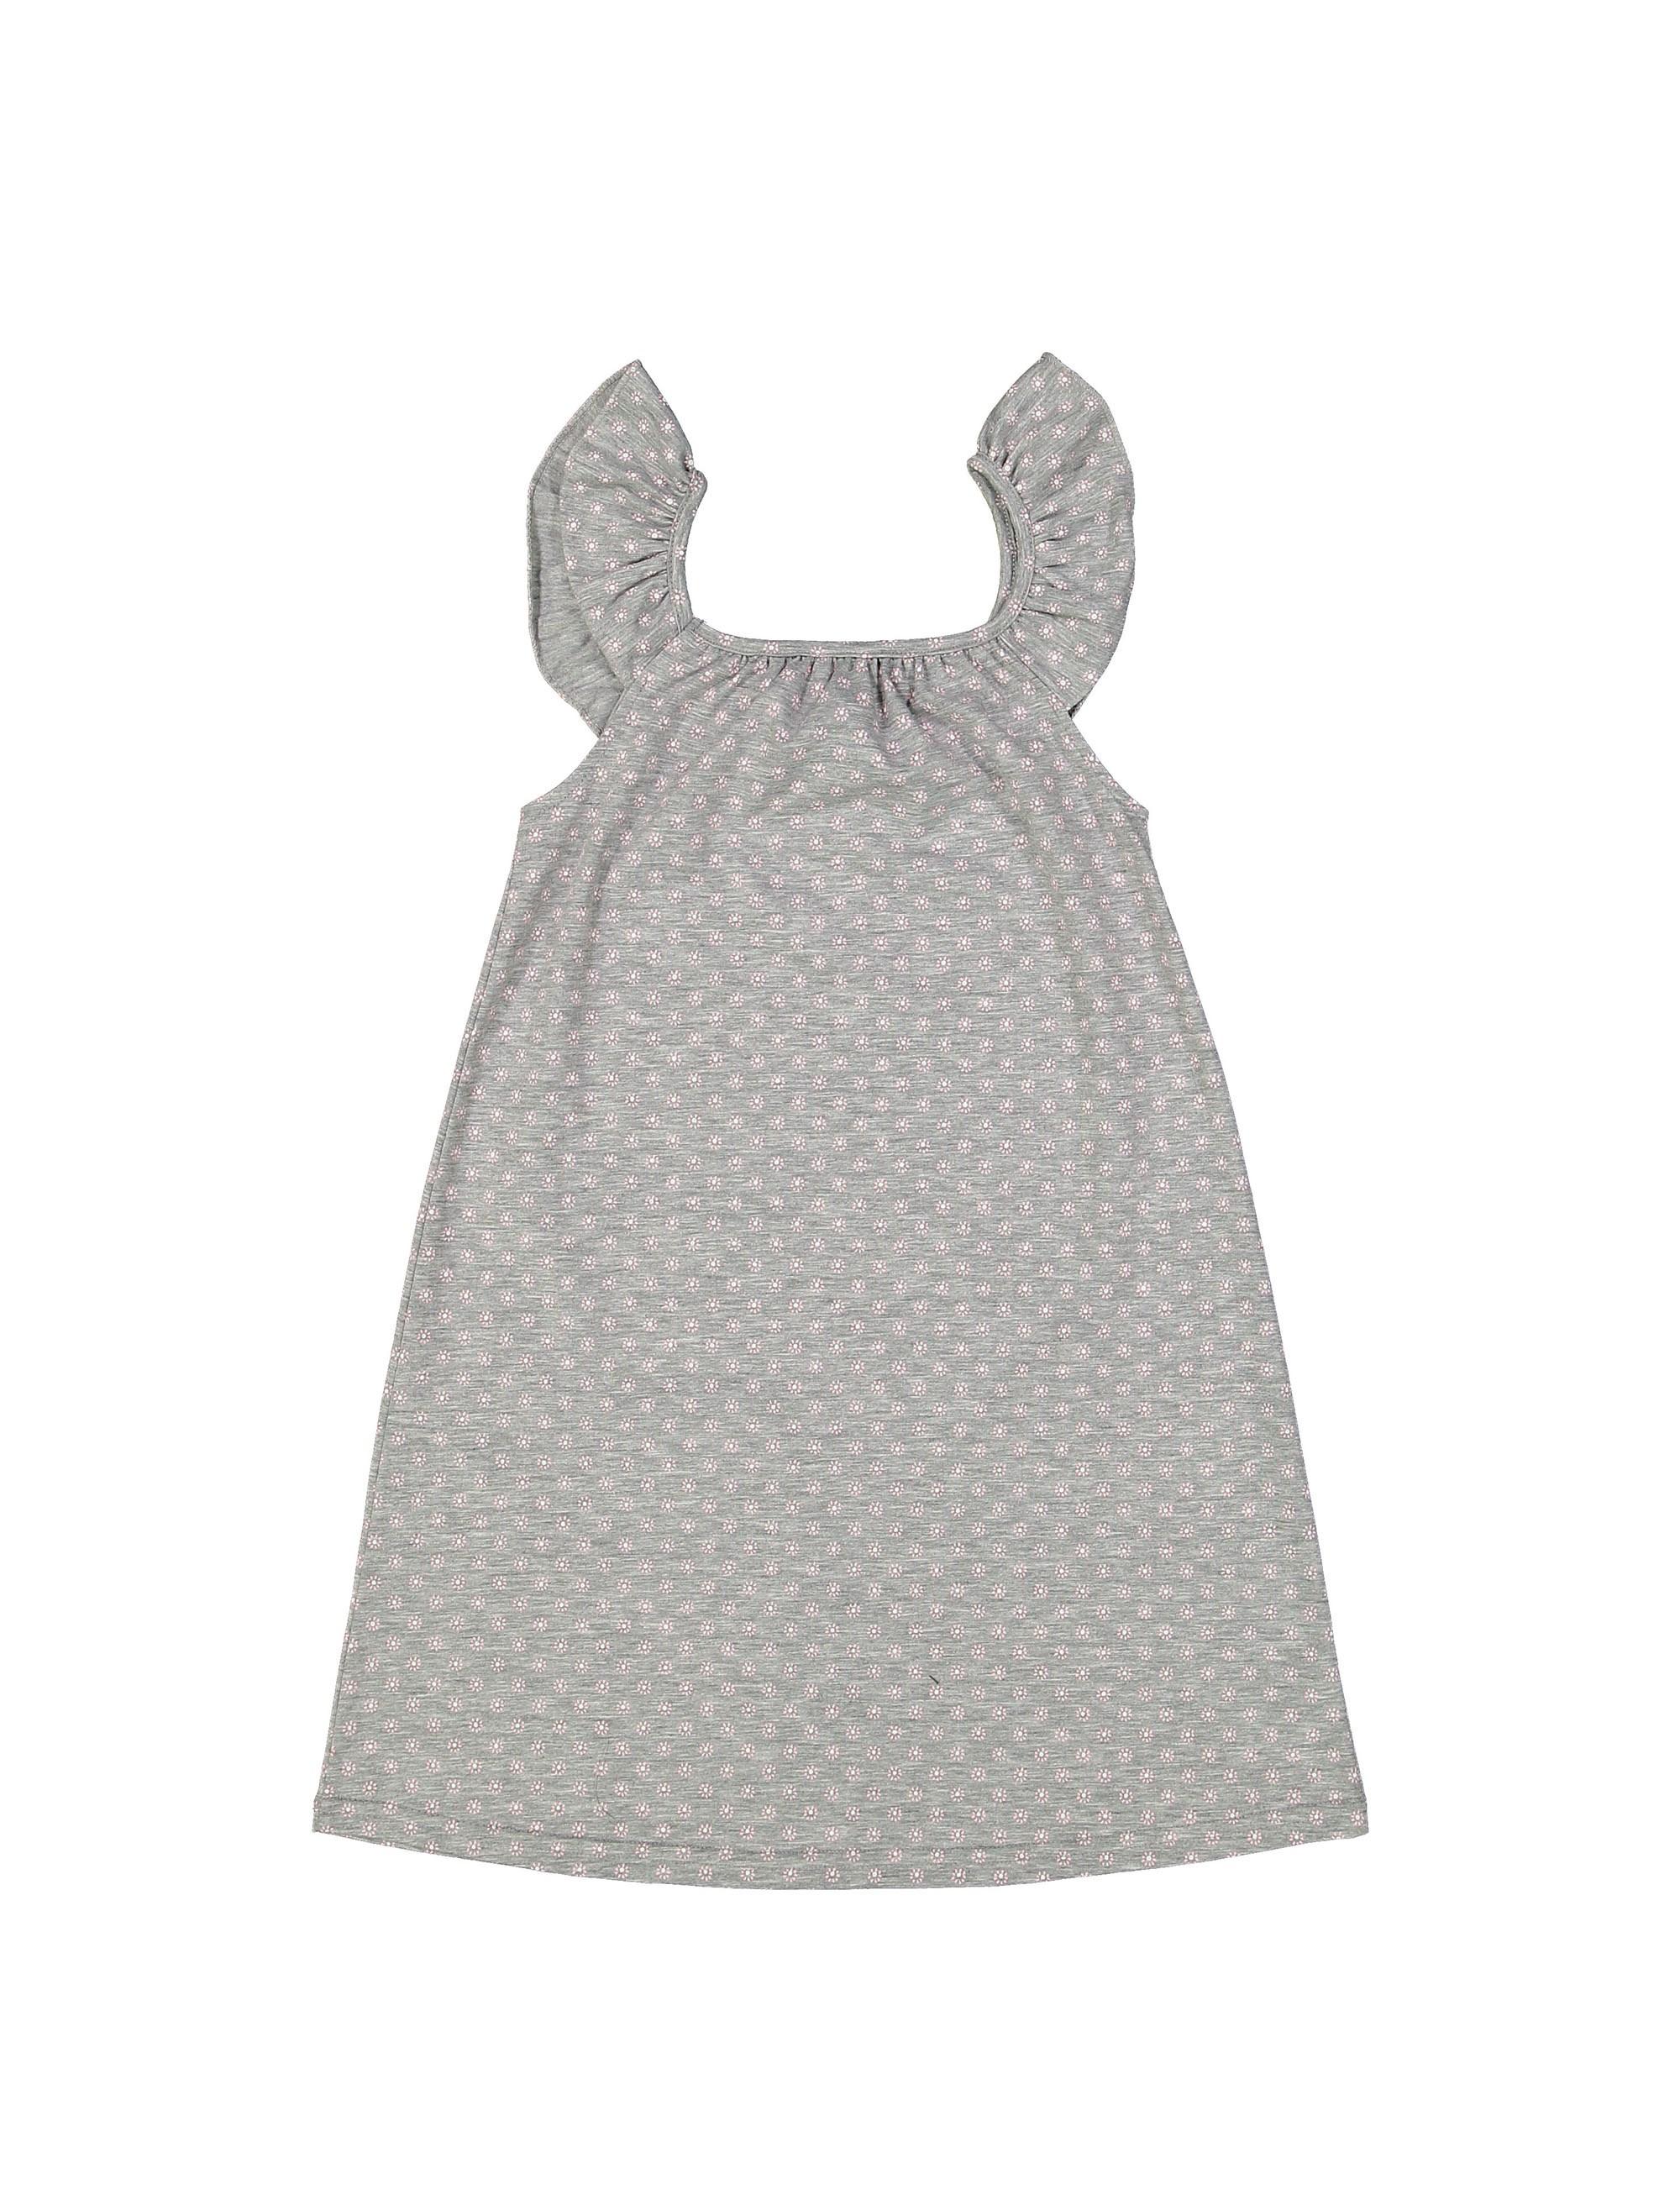 پیراهن نخی روزمره دخترانه مدل پرک - ناربن - طوسي - 2